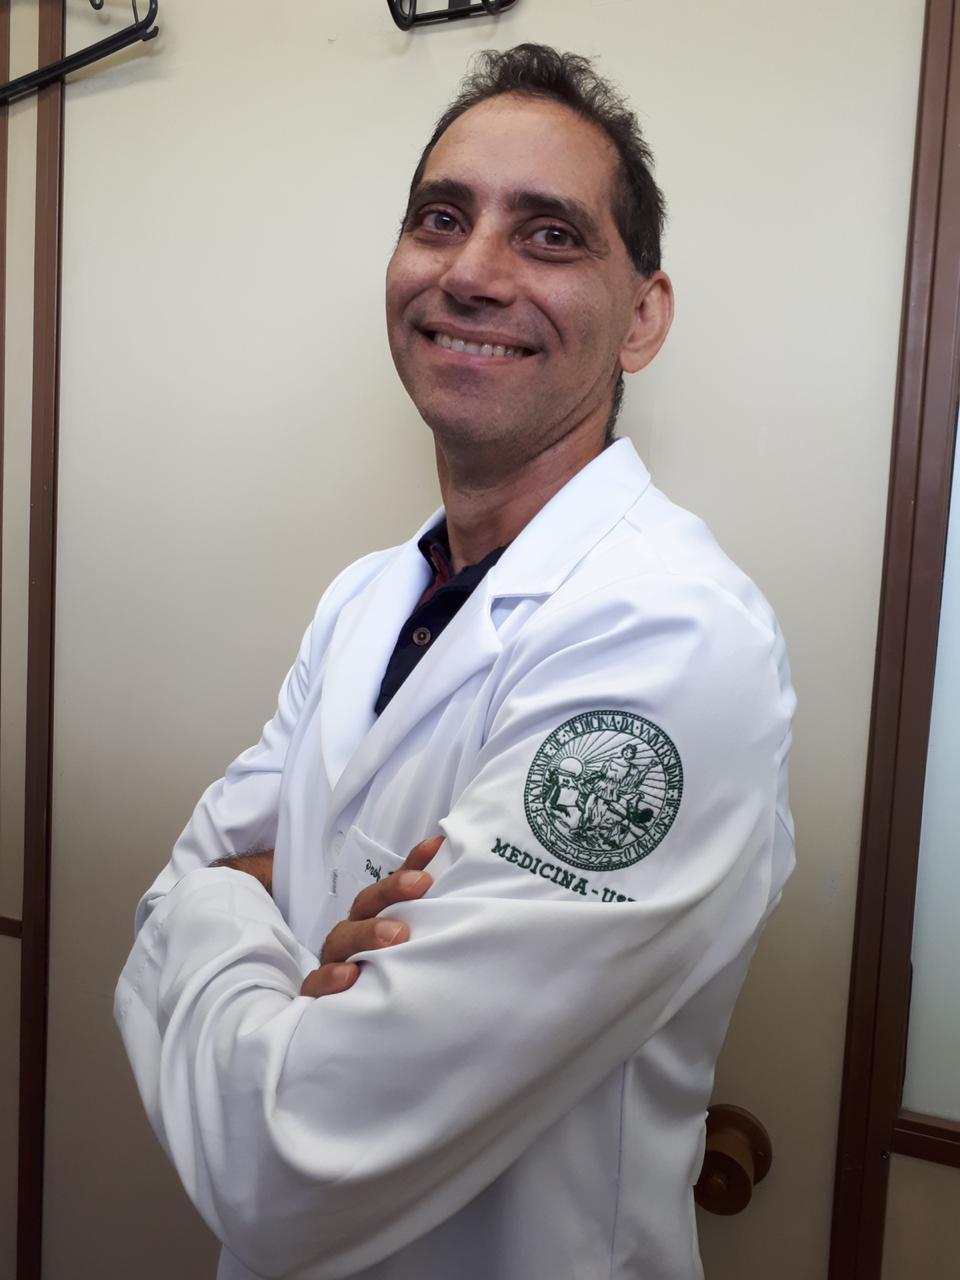 Jorge Casseb, M.D.; PhD - Institute of Tropical Medicine of Sao Paulo/Faculdade de Medicina - Universidade de Sao Paulo  Possui graduação em Medicina pela Universidade do Estado do Pará (1989), mestrado em Alergia e Imunopatologia pela Universidade de São Paulo (1995), doutorado em Patologia pela Universidade de São Paulo (1999) e Professor Livre Docente pela UNIFESP (2010) e USP (2014). Atualmente é professor associado da Faculdade de Medicina/Instituto de Medicina Tropical da Universidade de São Paulo. Tem experiência na área de Imunologia, com ênfase em Imunologia Aplicada, atuando principalmente no estudo e atendimento às pessoas vivendo com retrovírus, como HIV e HTLV-1.